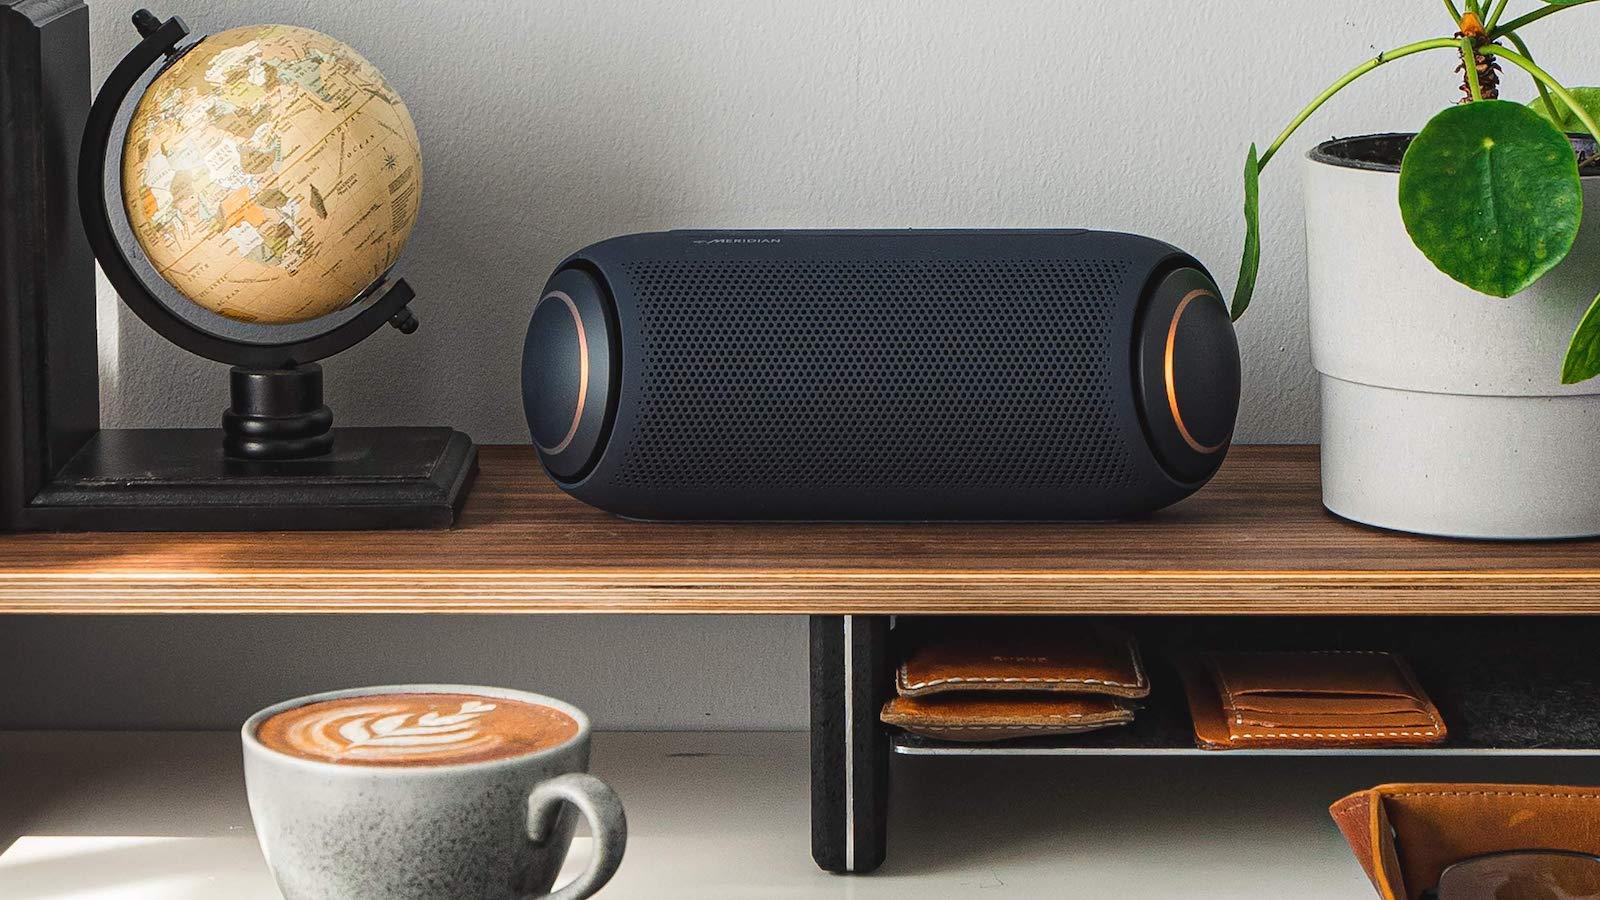 LG XBOOM Go PL5 Portable Speaker